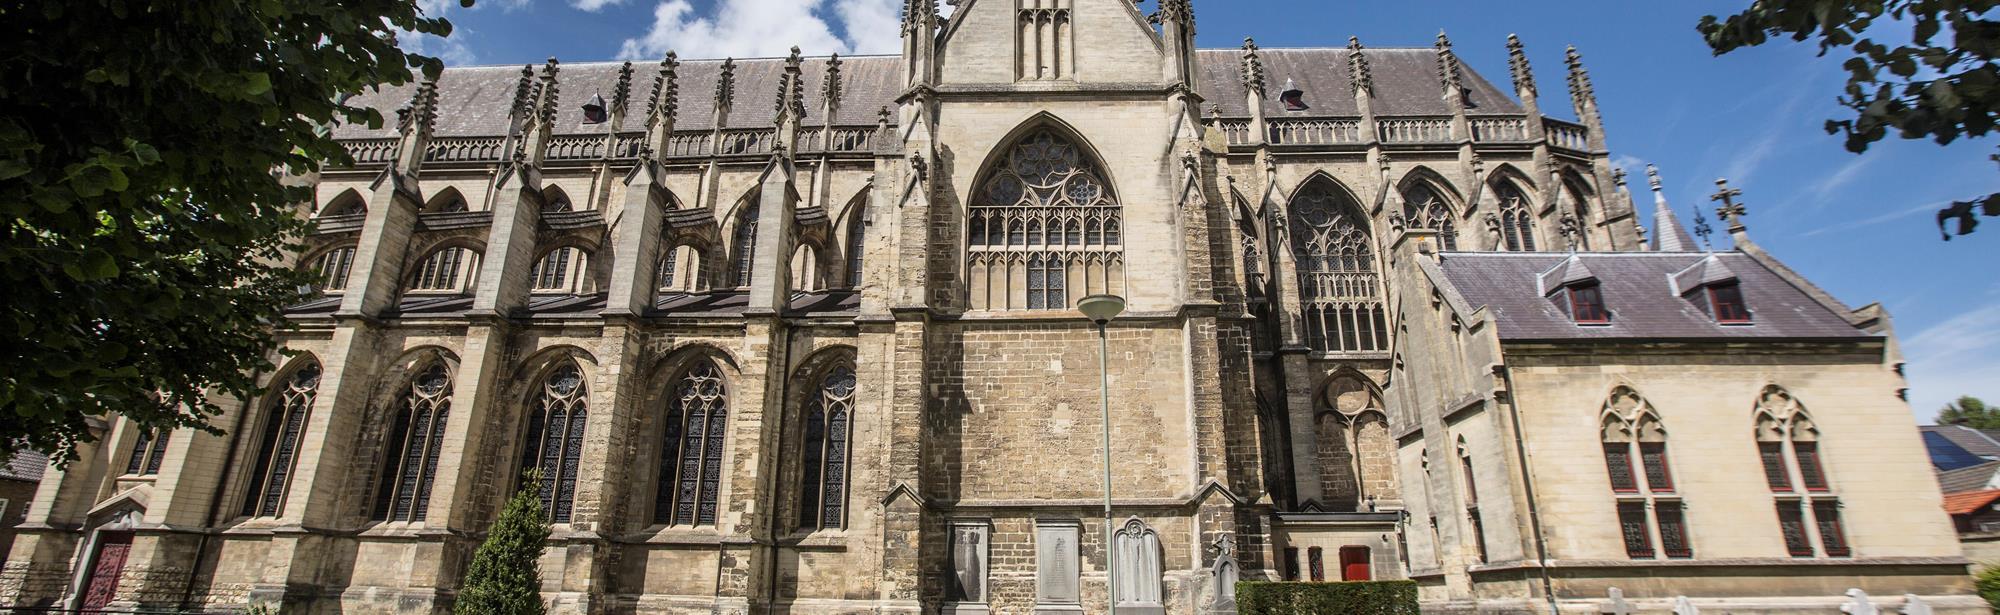 Basiliek van het Heilige Sacrament Meerssen